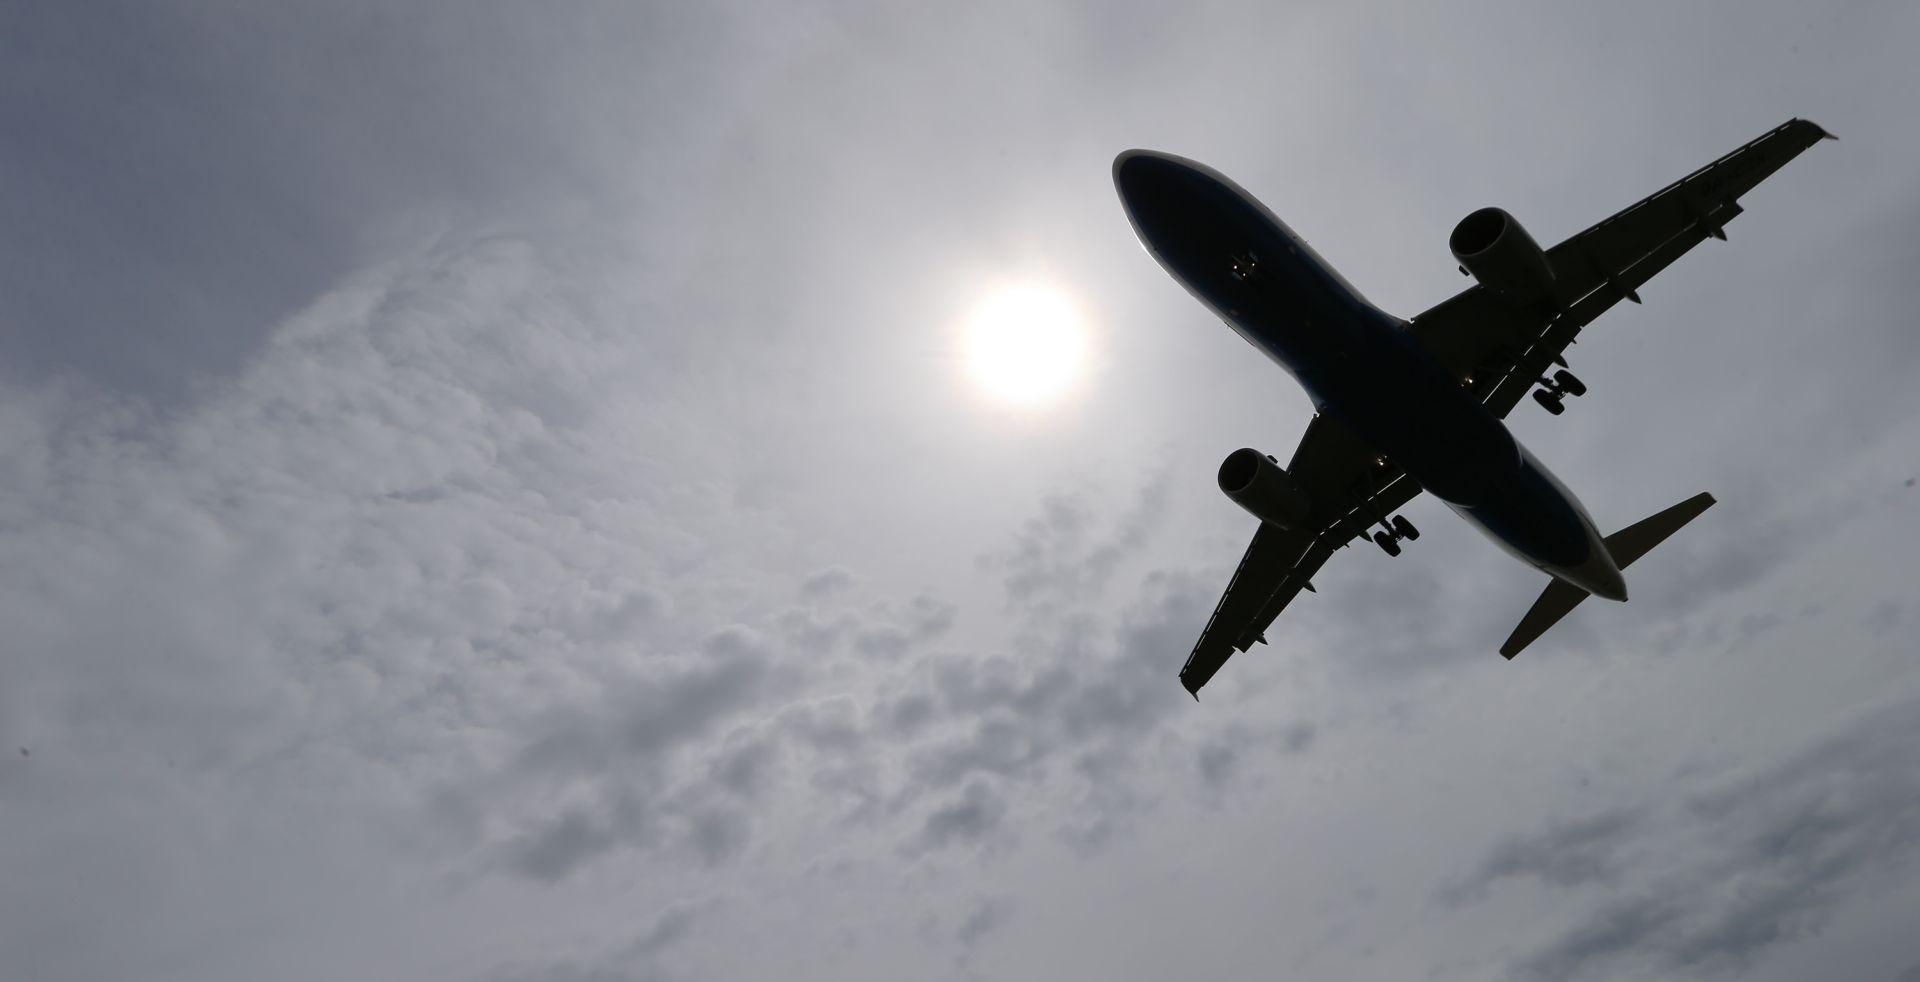 Poljska ekshumira žrtve zrakoplovne nesreće iz 2000. radi analize